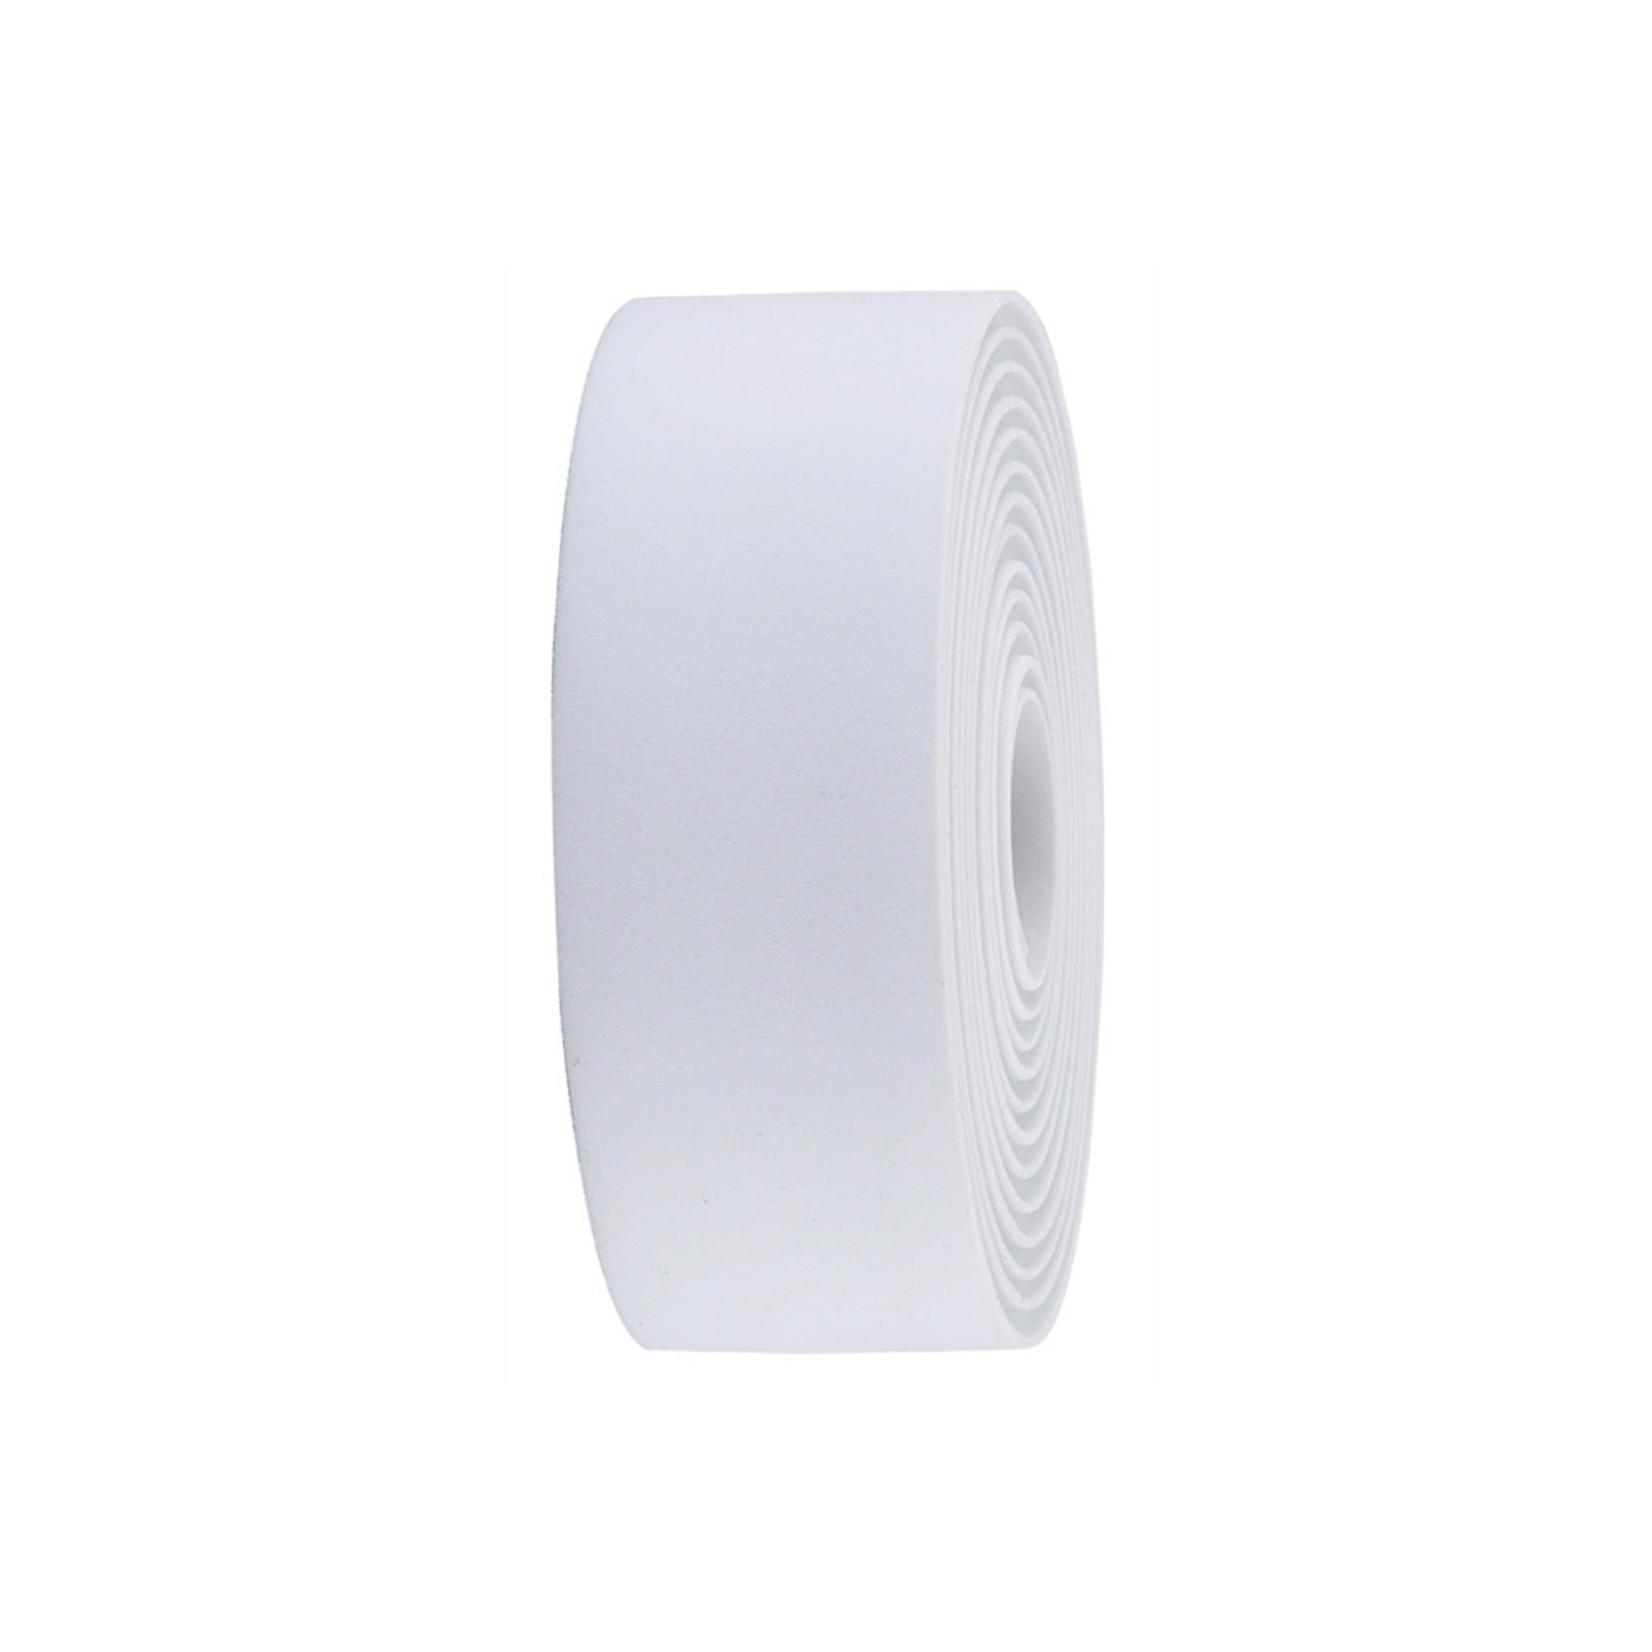 BBB Handlebar Tape - RaceRibbon - White